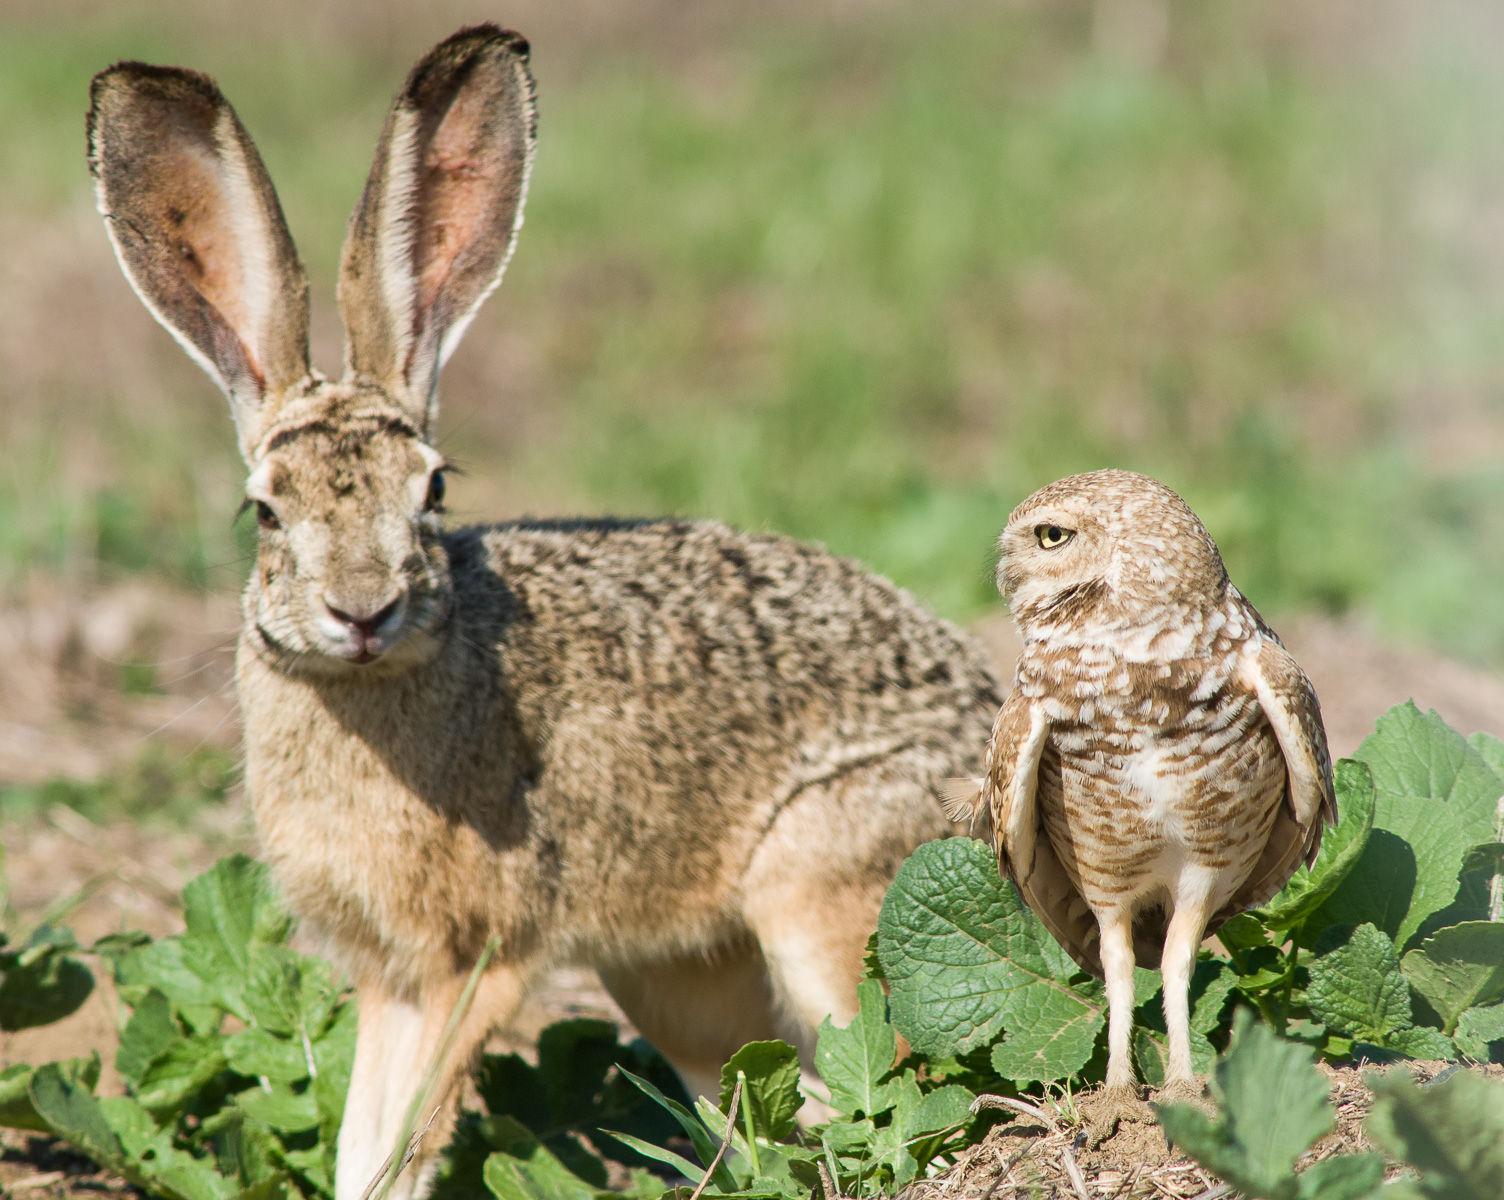 Burrowing Owl (Athene cunicularia) and Jackrabbit (Lepus californicus)